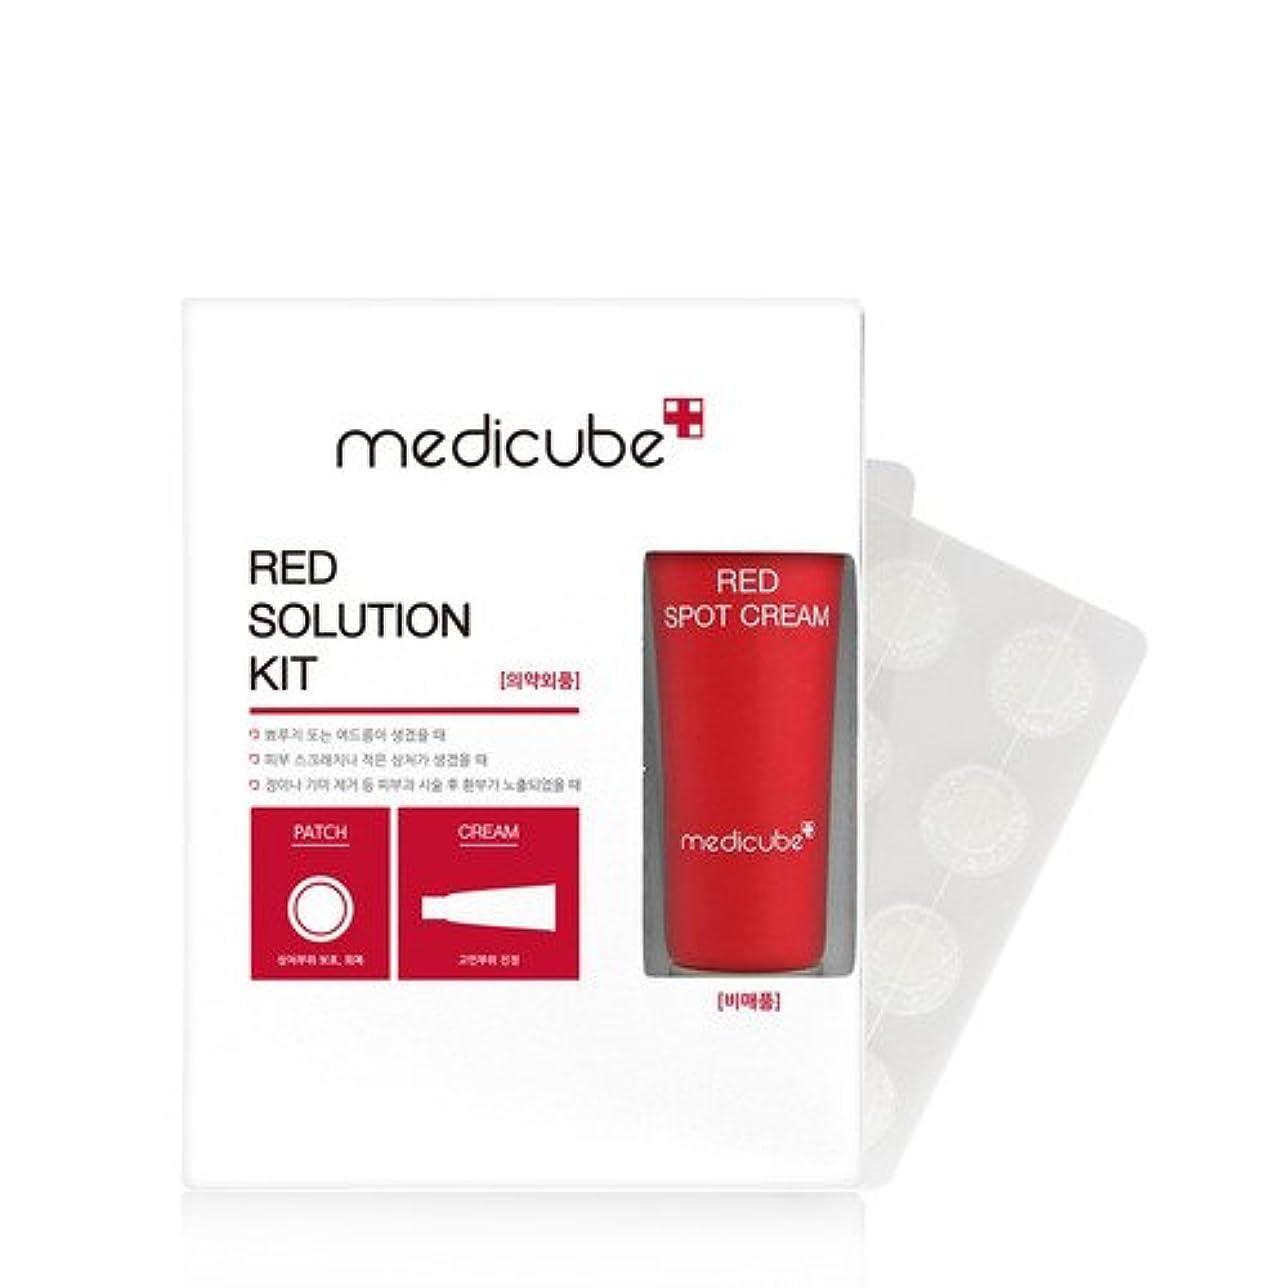 銀河メニューアンデス山脈[Medicube]Red Solution Kit(Clear spot patch) 12mm x 2 / メディキューブレッドソリューションキット 12mm x 24pcs / 正品?海外直送商品 [並行輸入品]